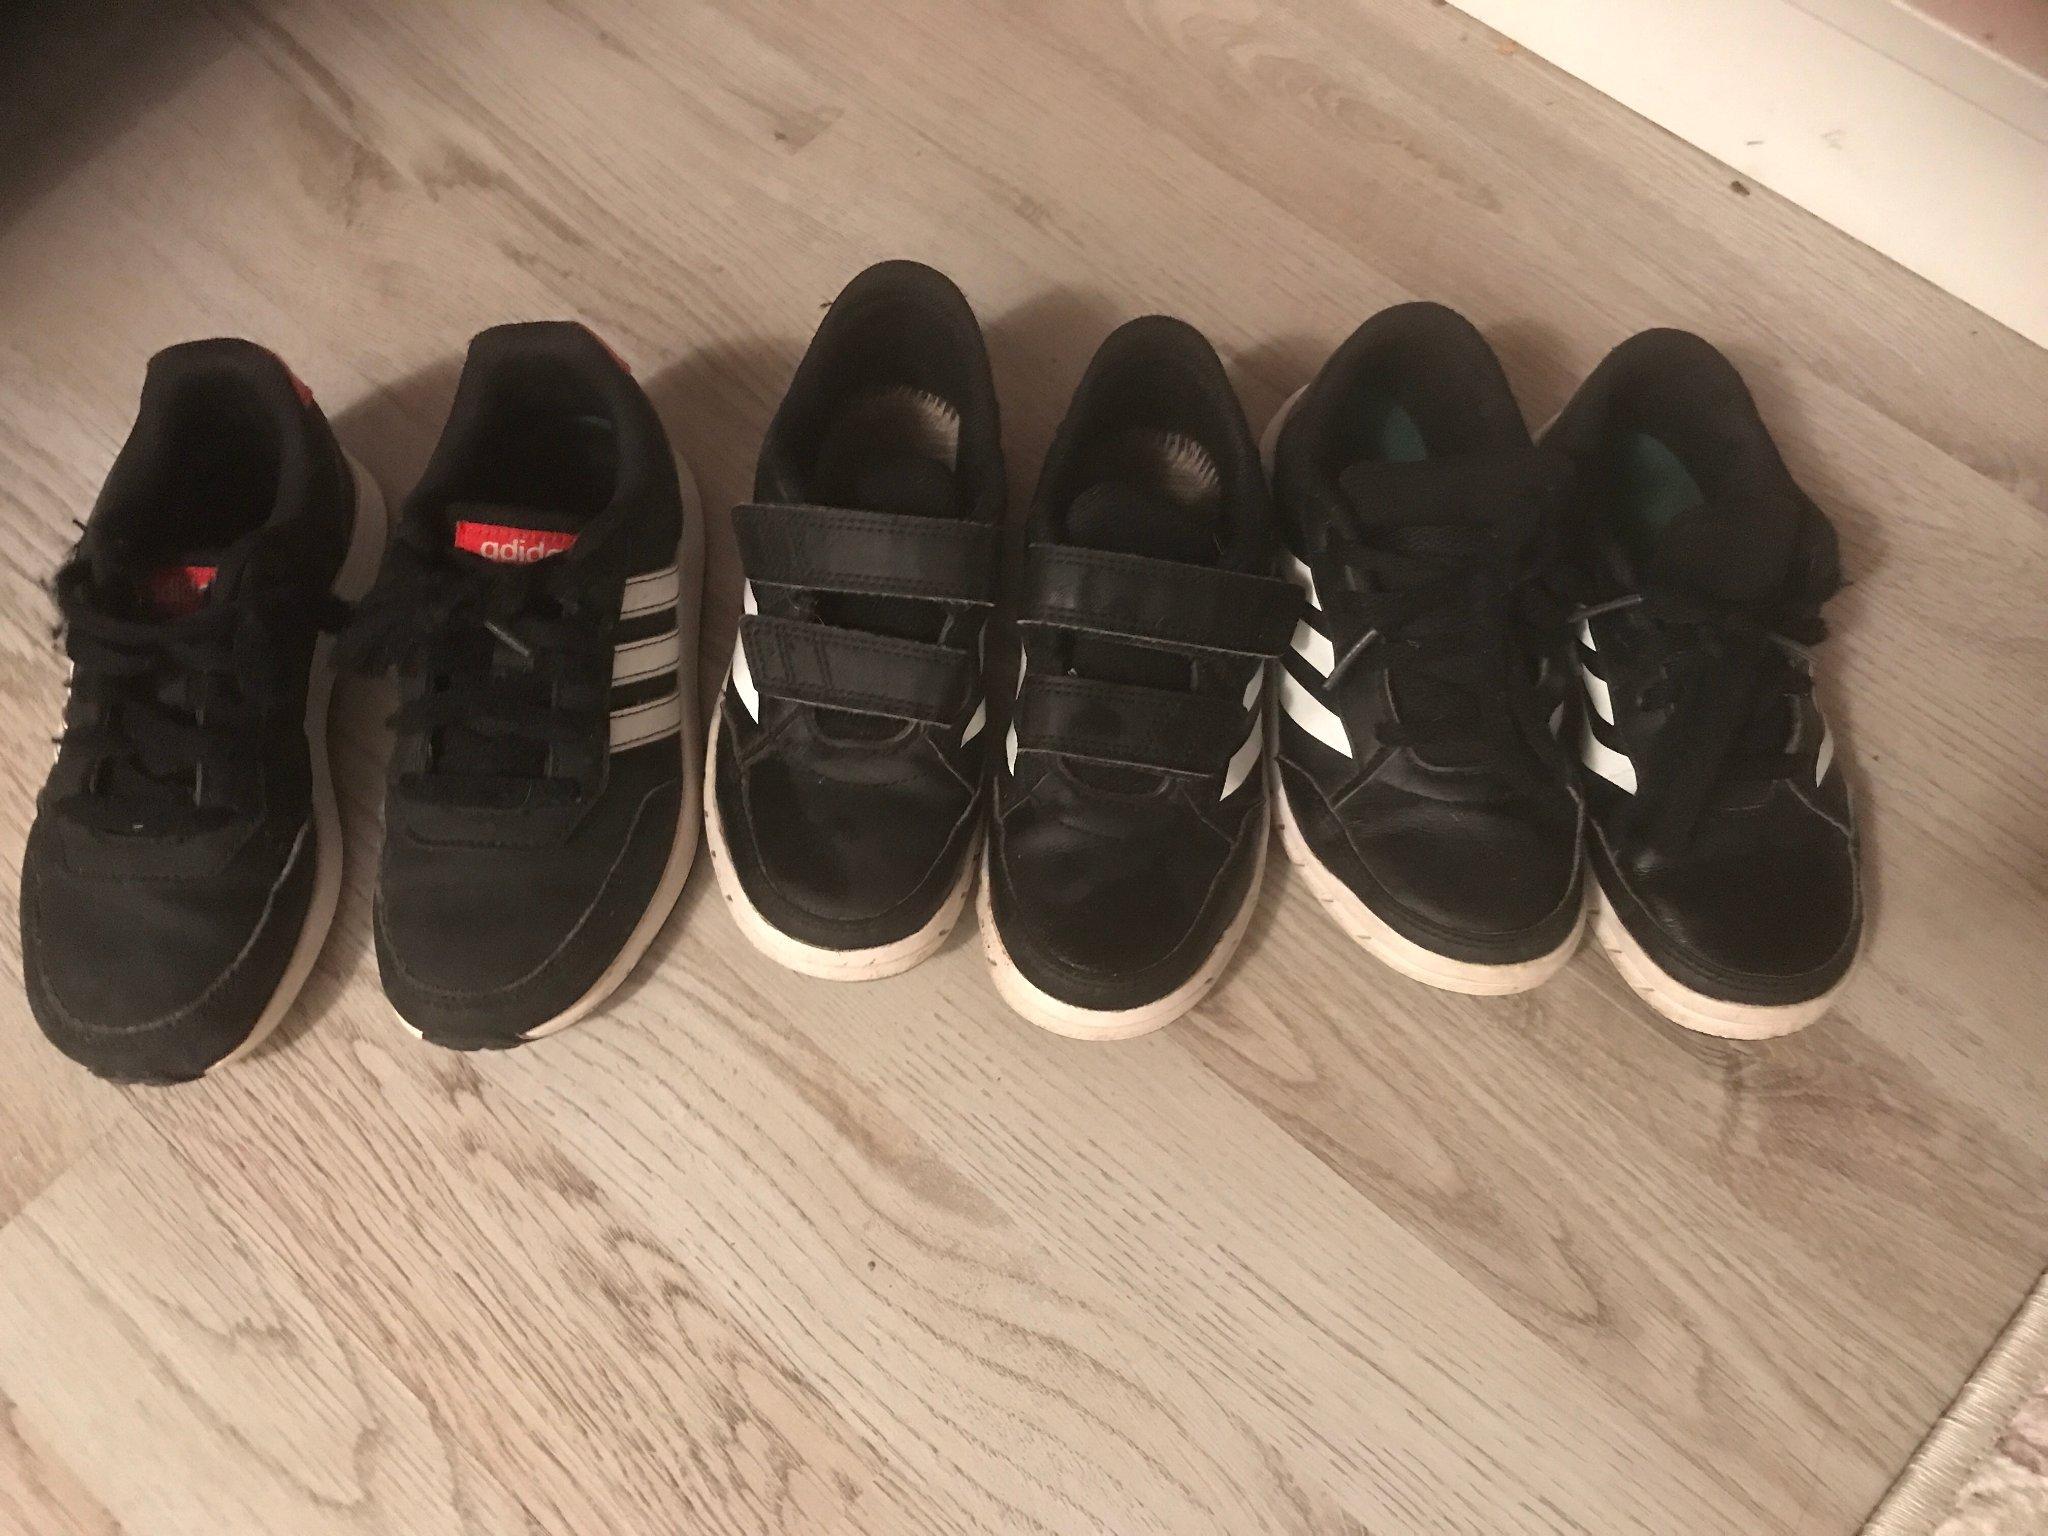 Adidas skor stl 29 (17,5) 3 par (396675964) ᐈ Köp på Tradera